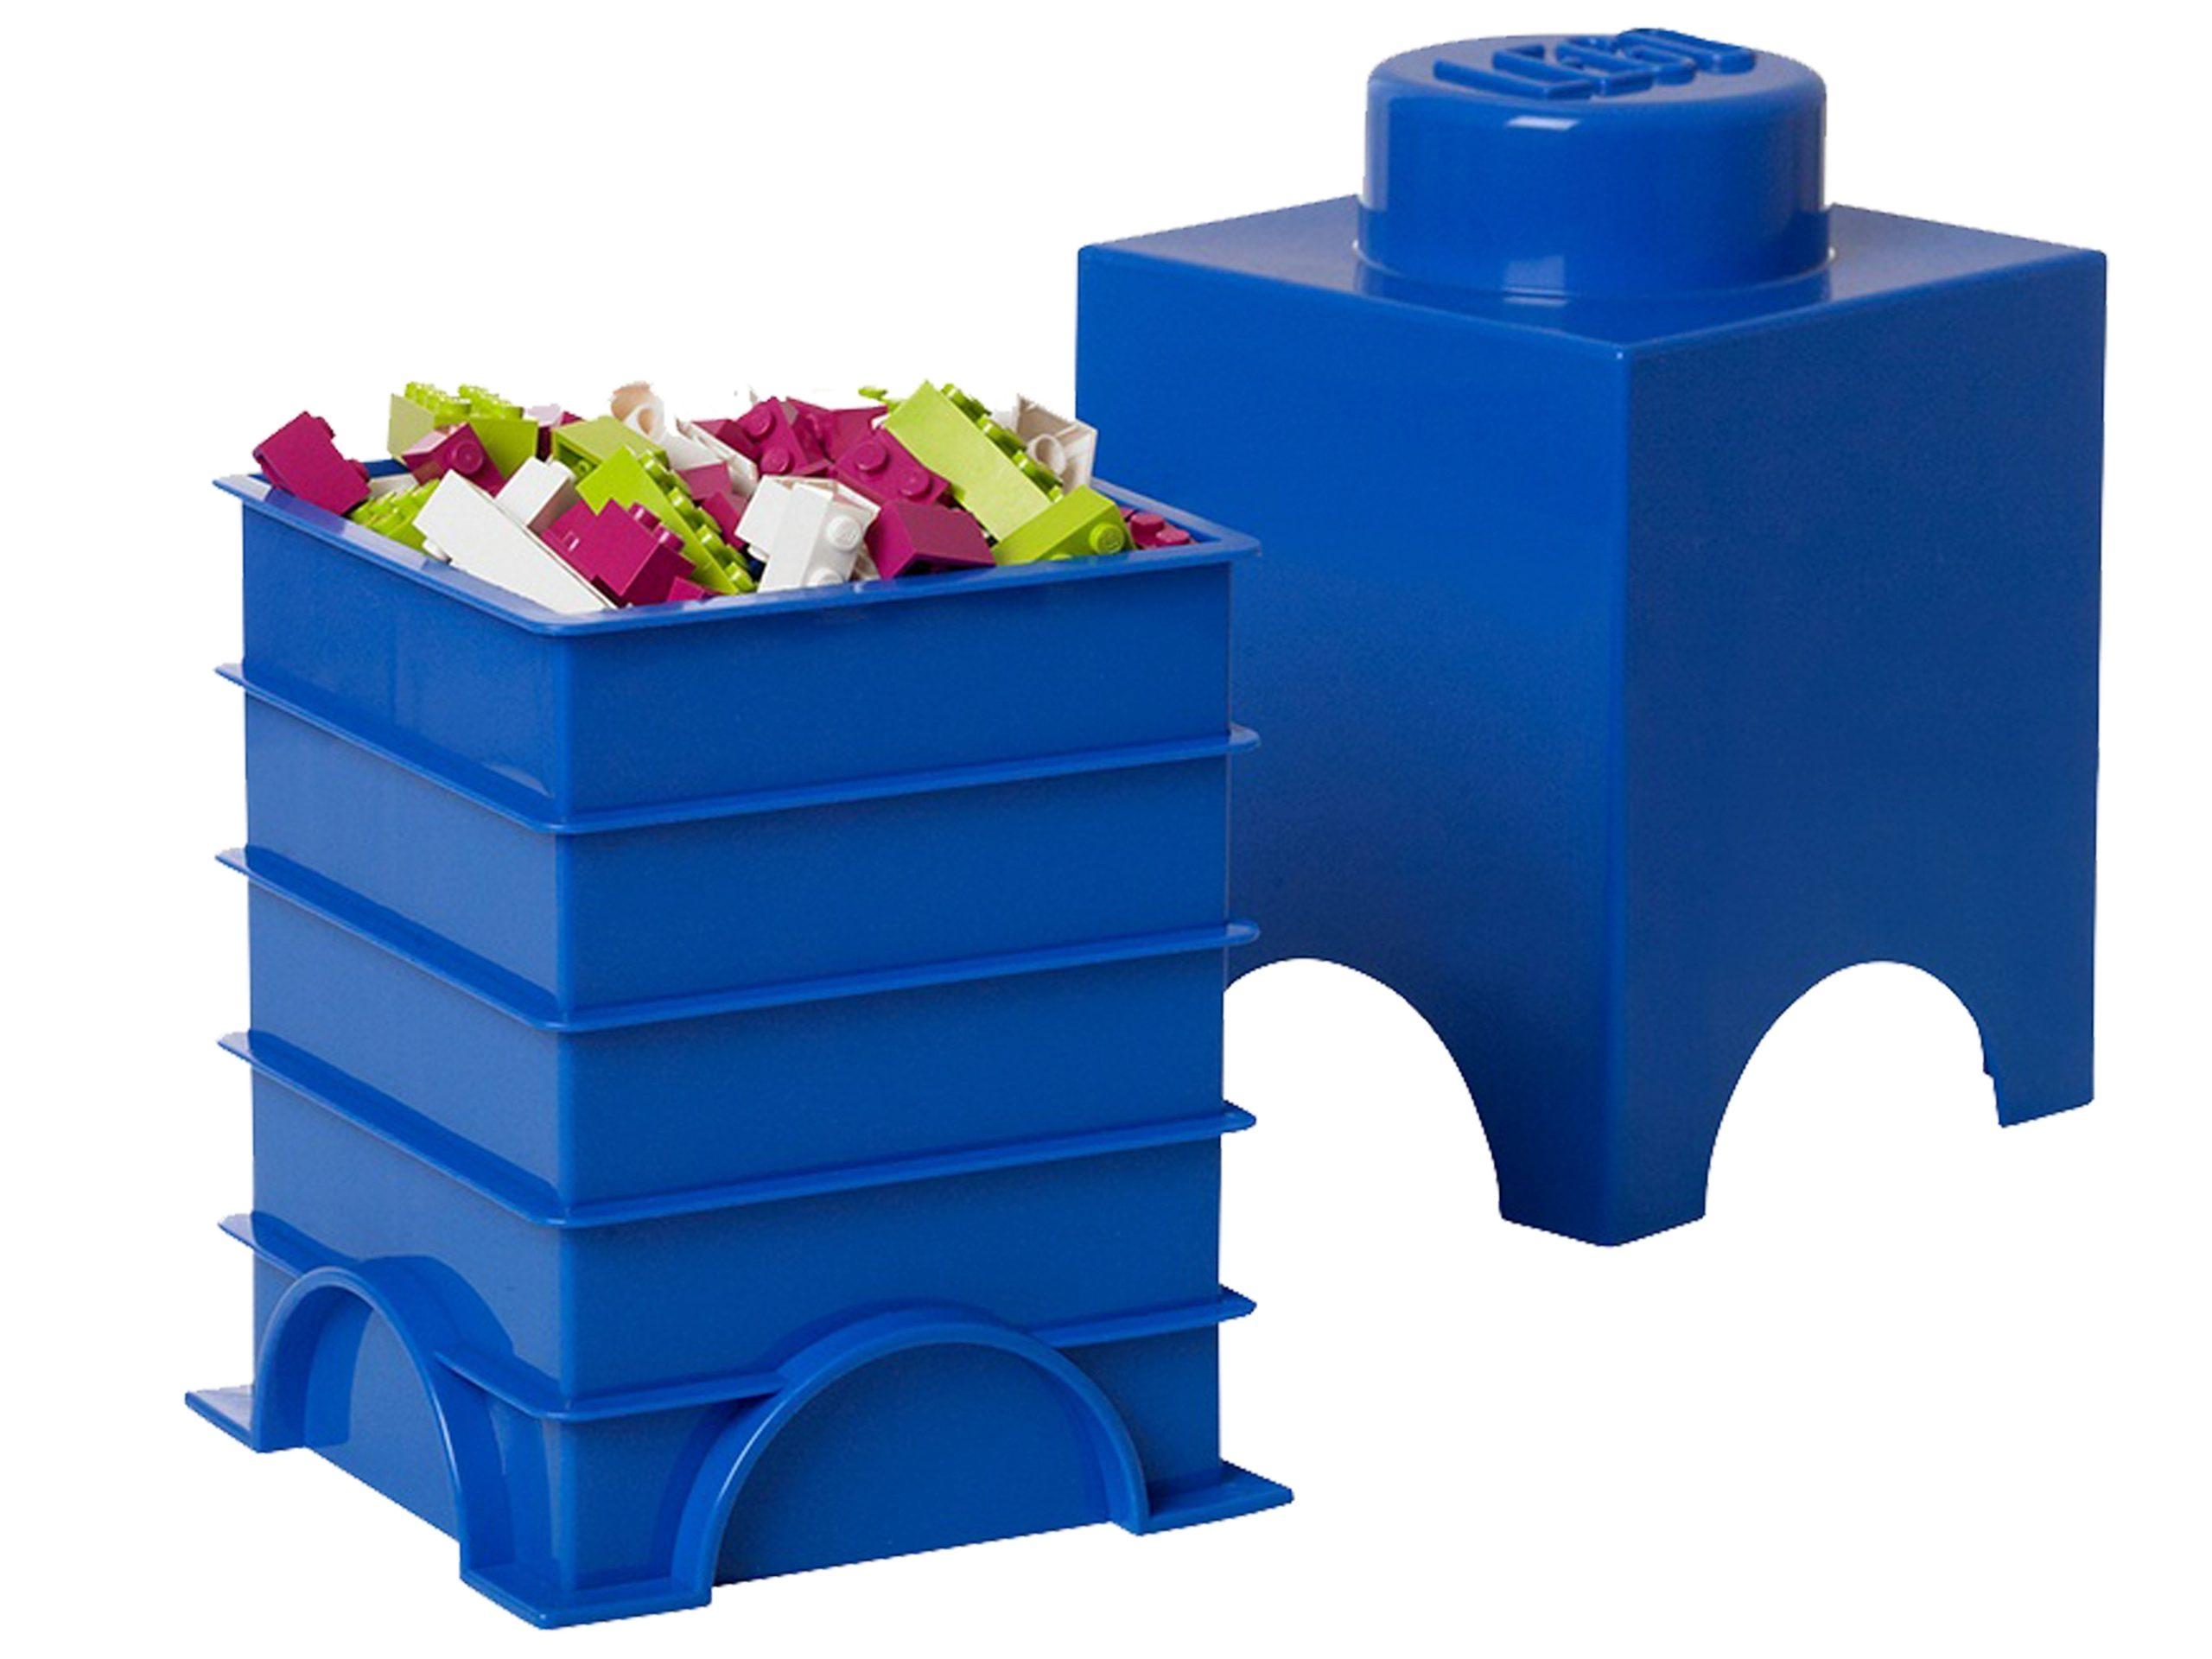 lego 5004268 1 stud blue storage brick scaled